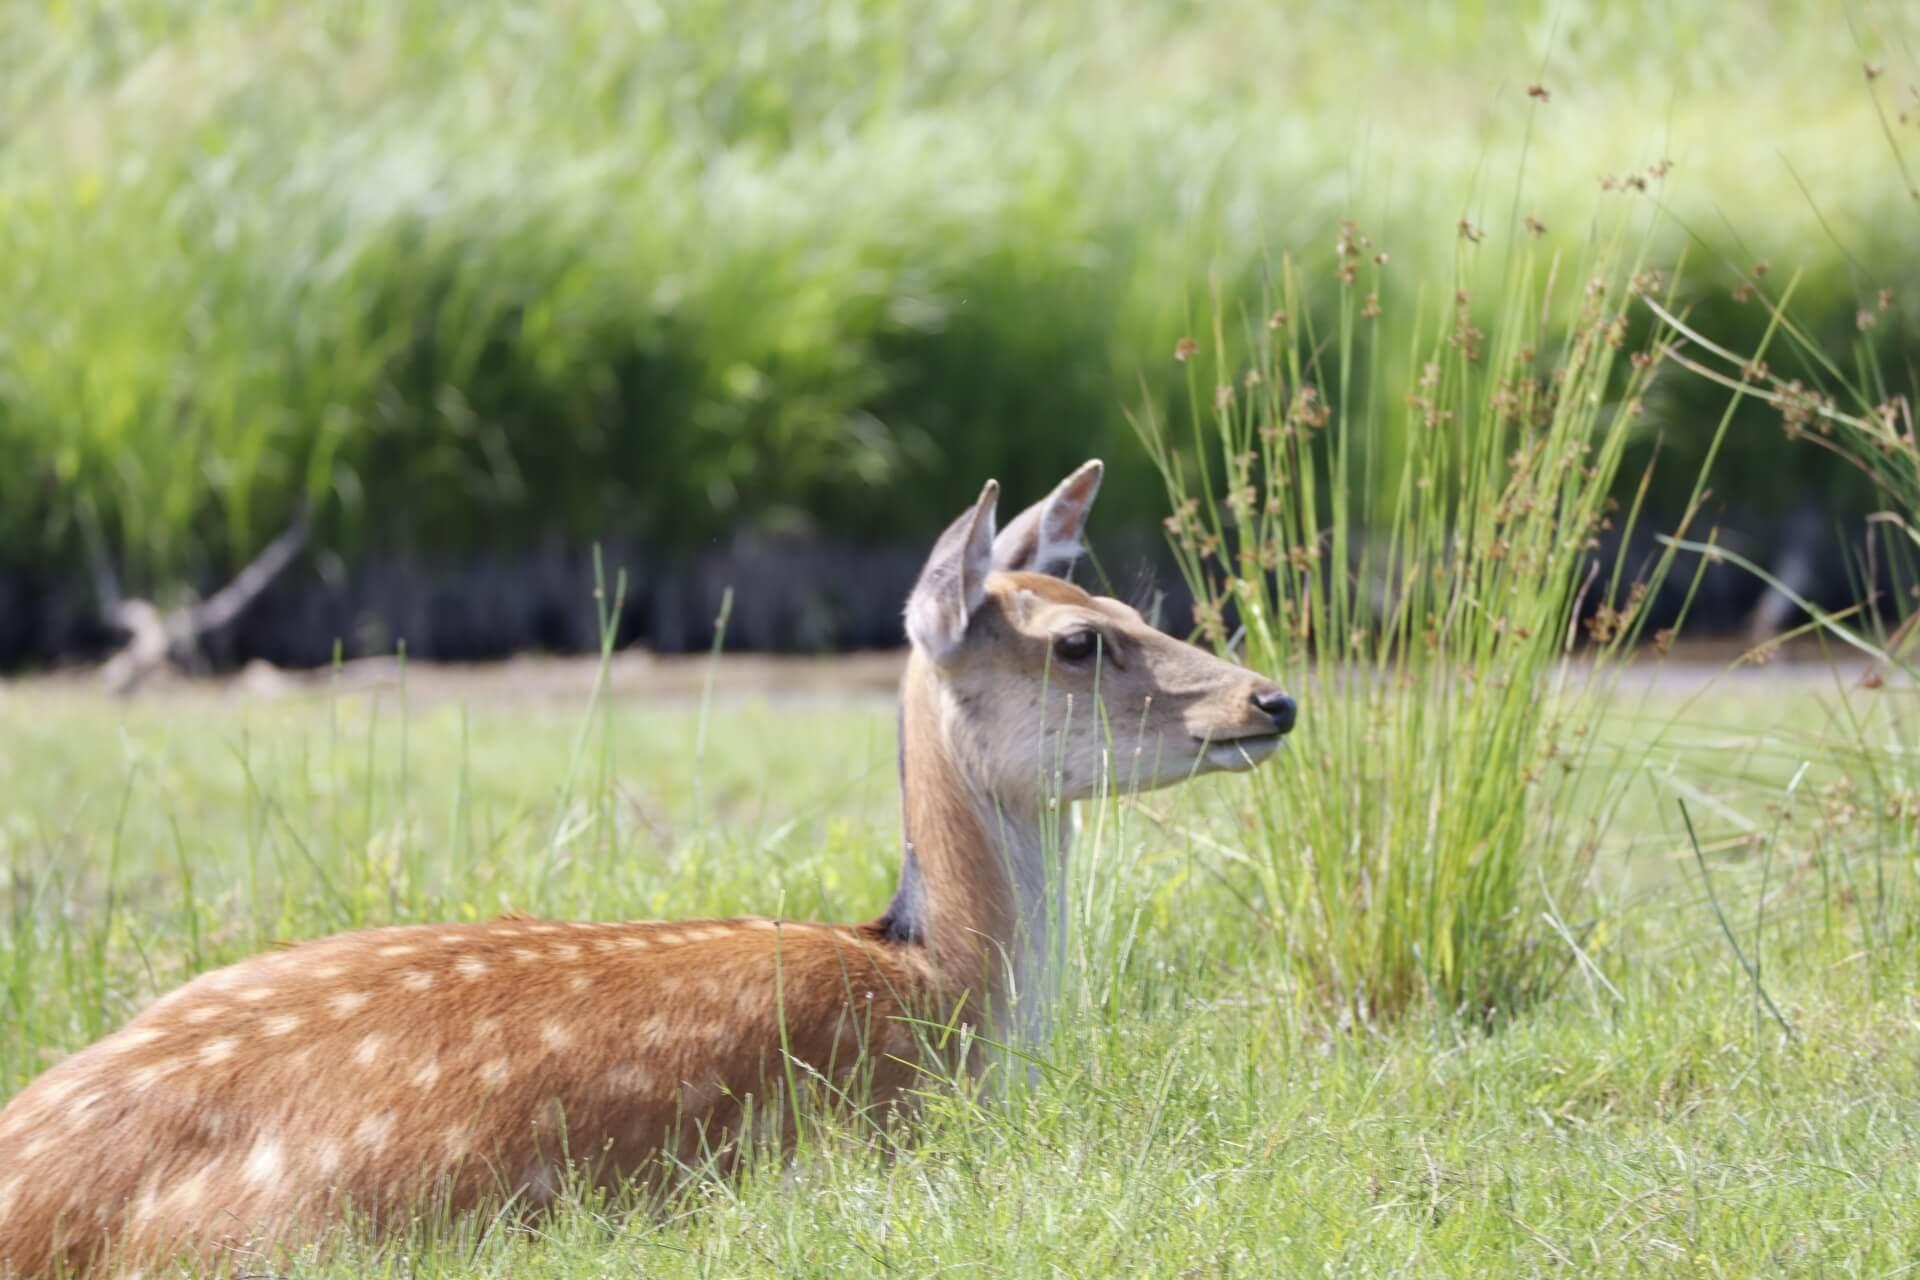 shika-spotted-deer-wildlife